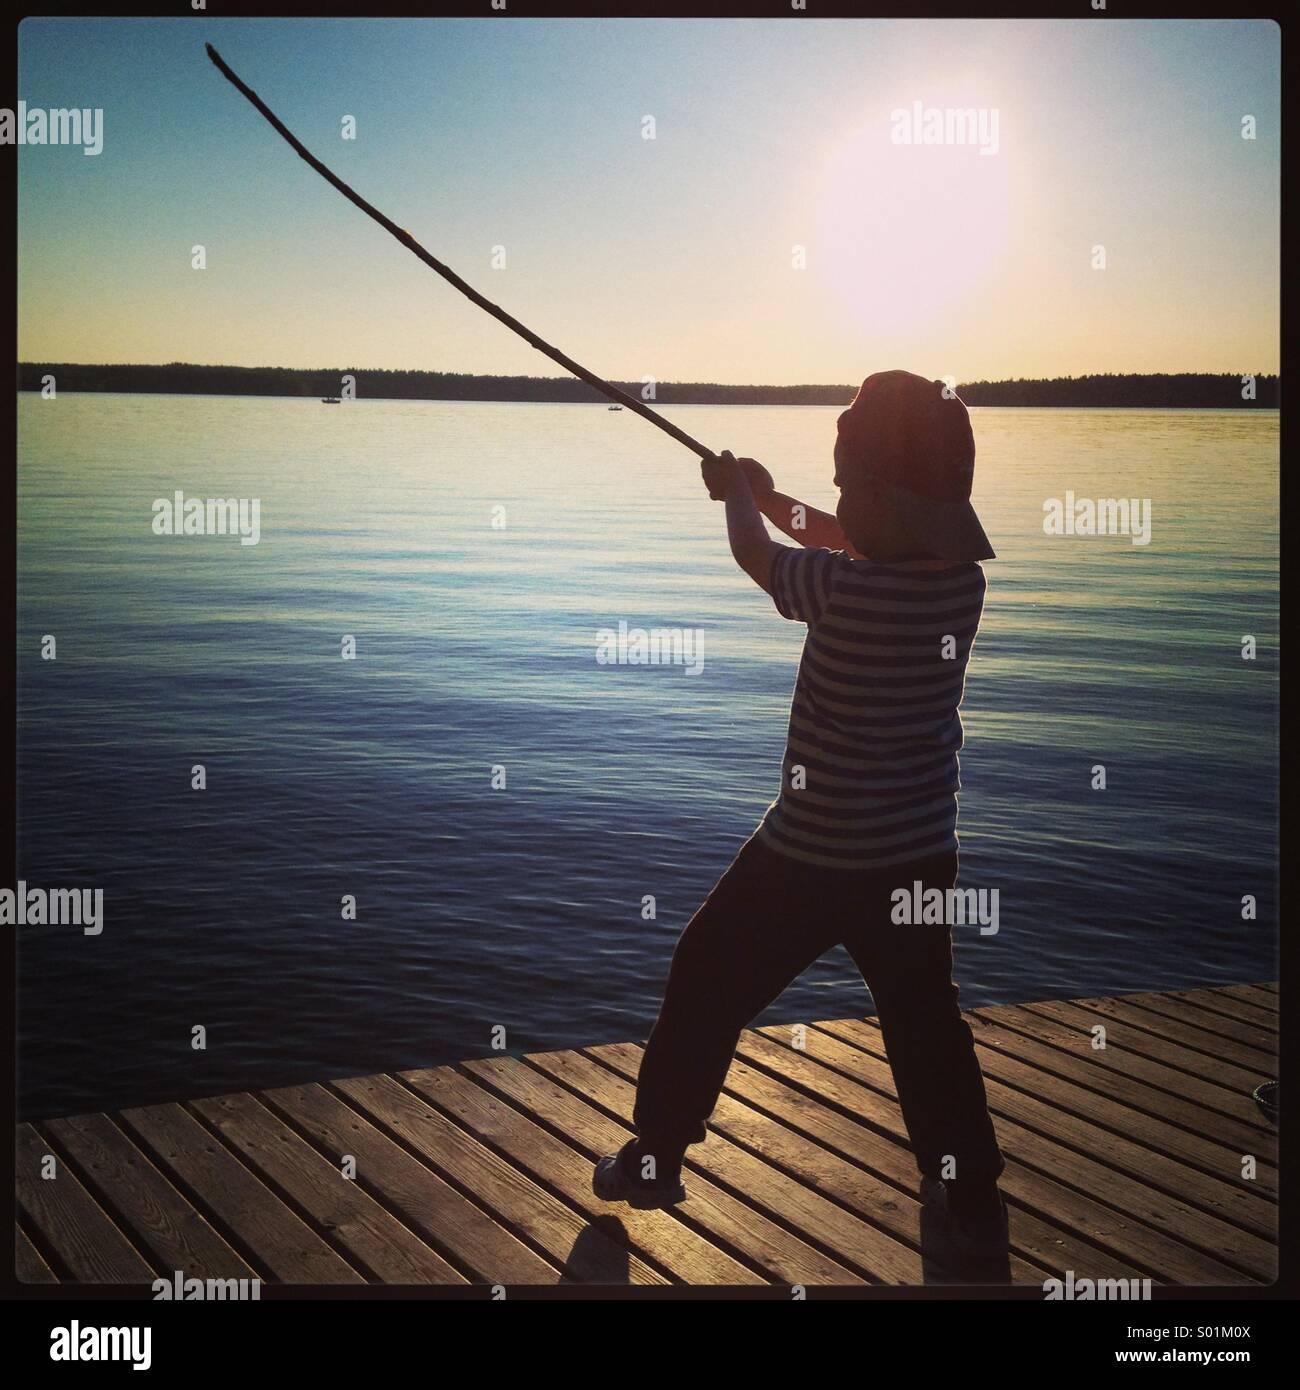 Un muchacho fingiendo ser un caballero Jedi espada luchador en un lago de vacaciones de verano Imagen De Stock